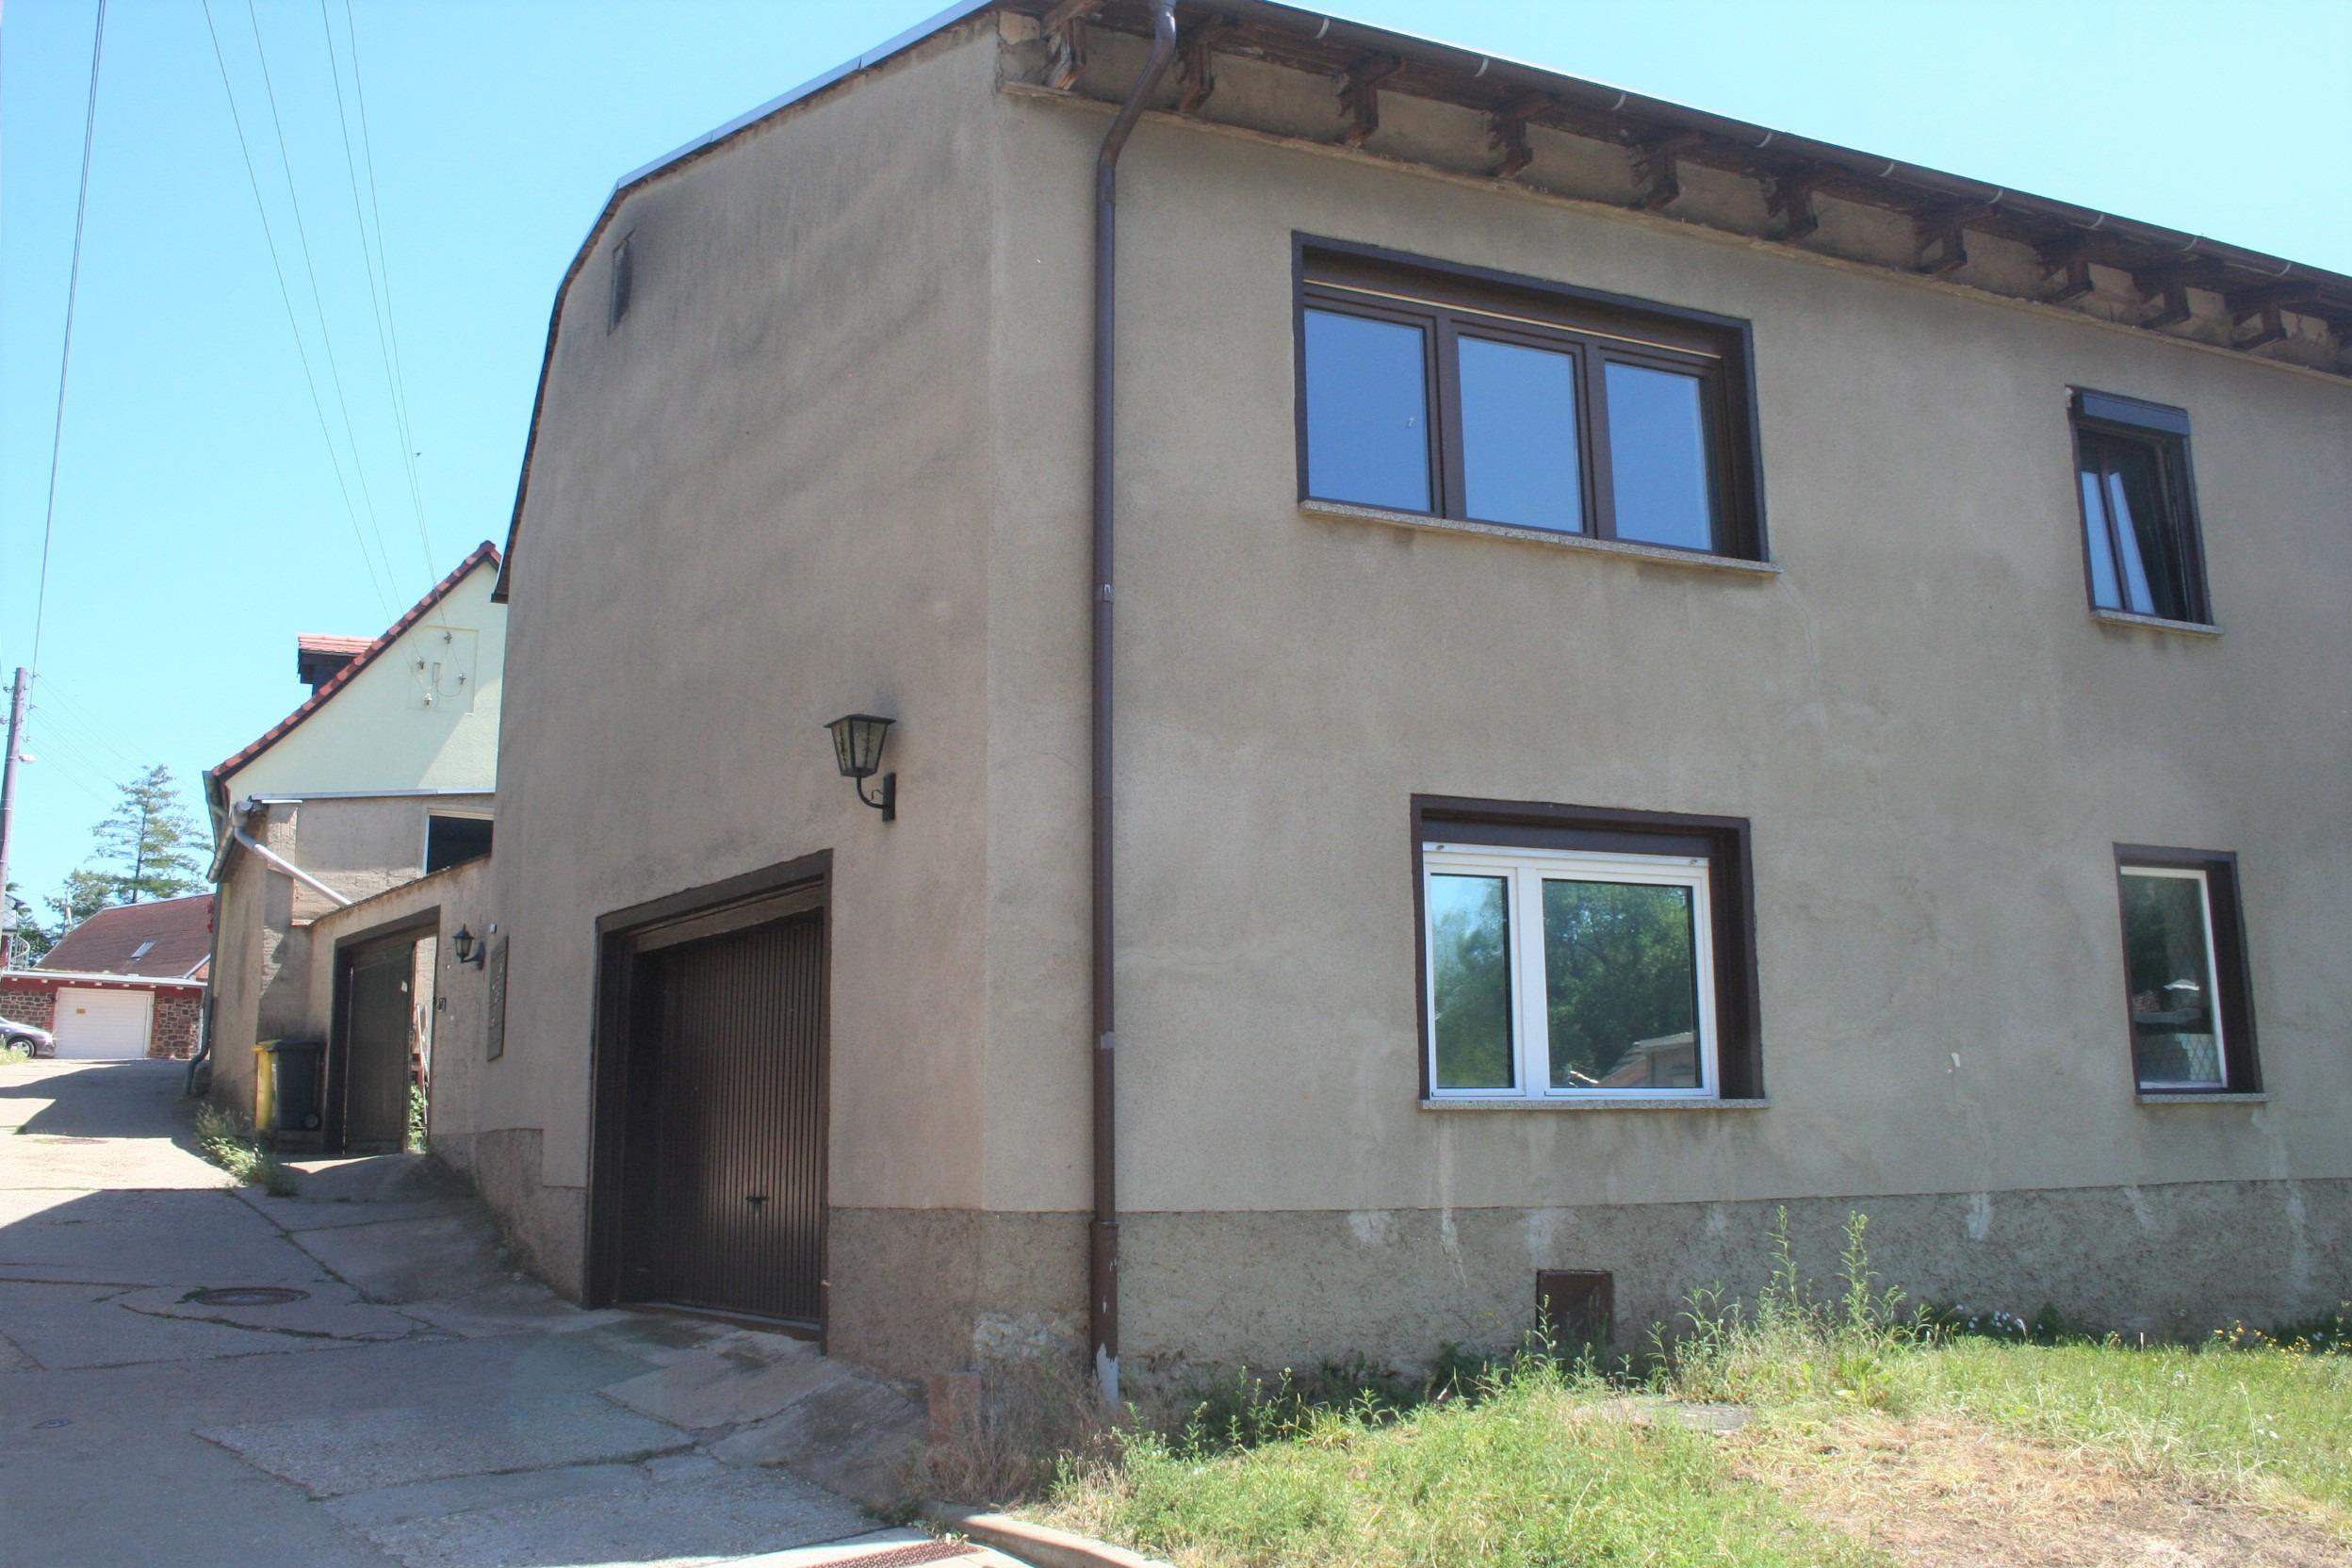 Einfamilienhaus Krosigk - Garagen- und Hofeinfahrt